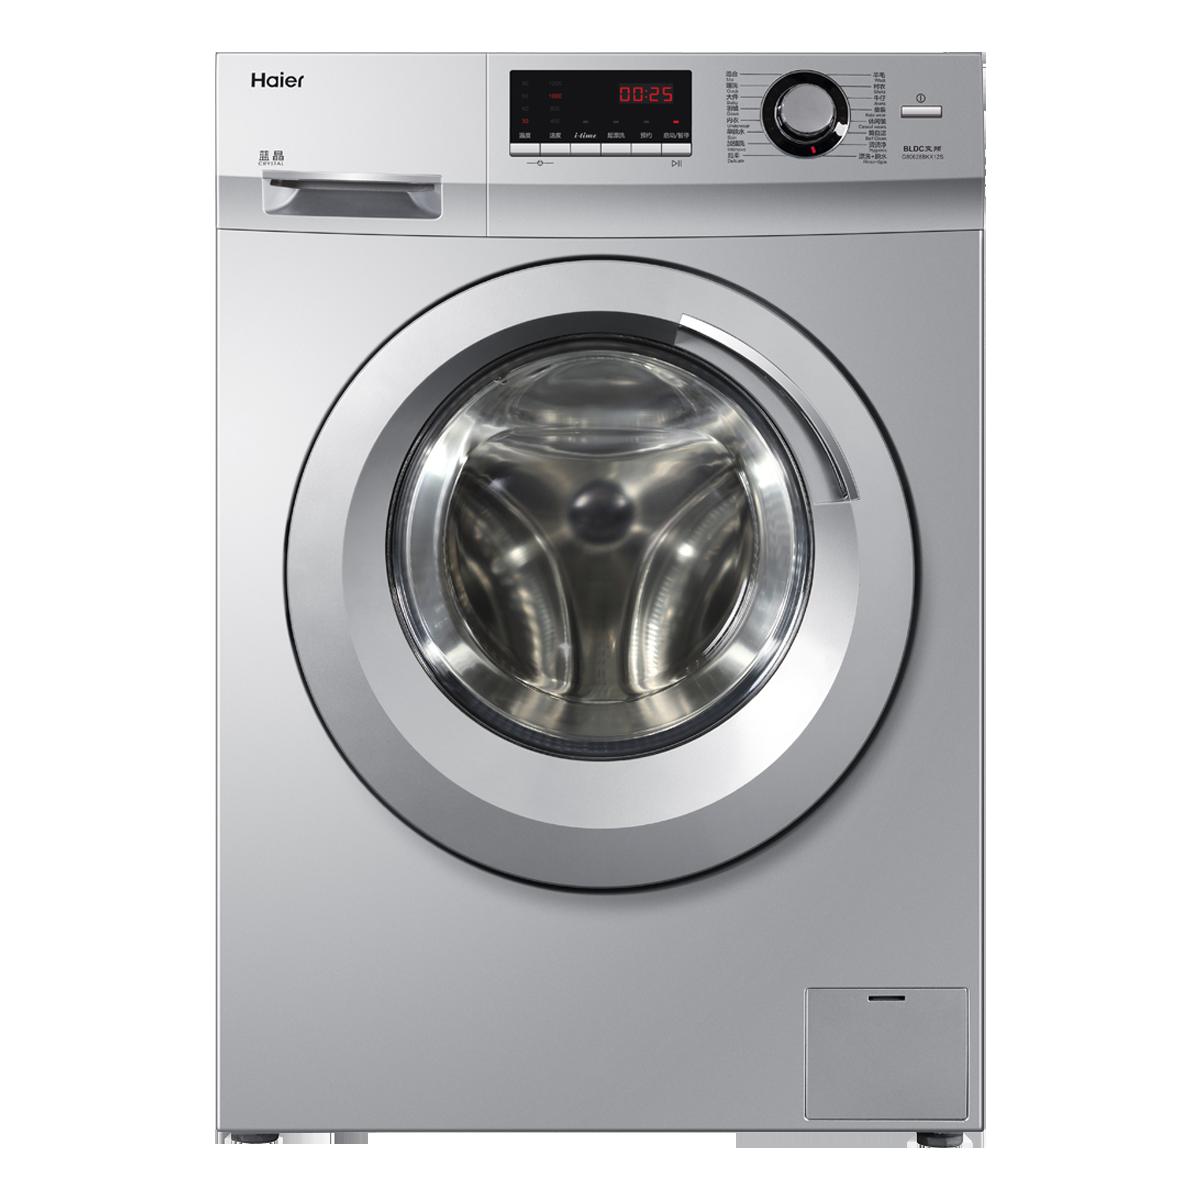 海尔Haier洗衣机 G80628BKX12S 说明书